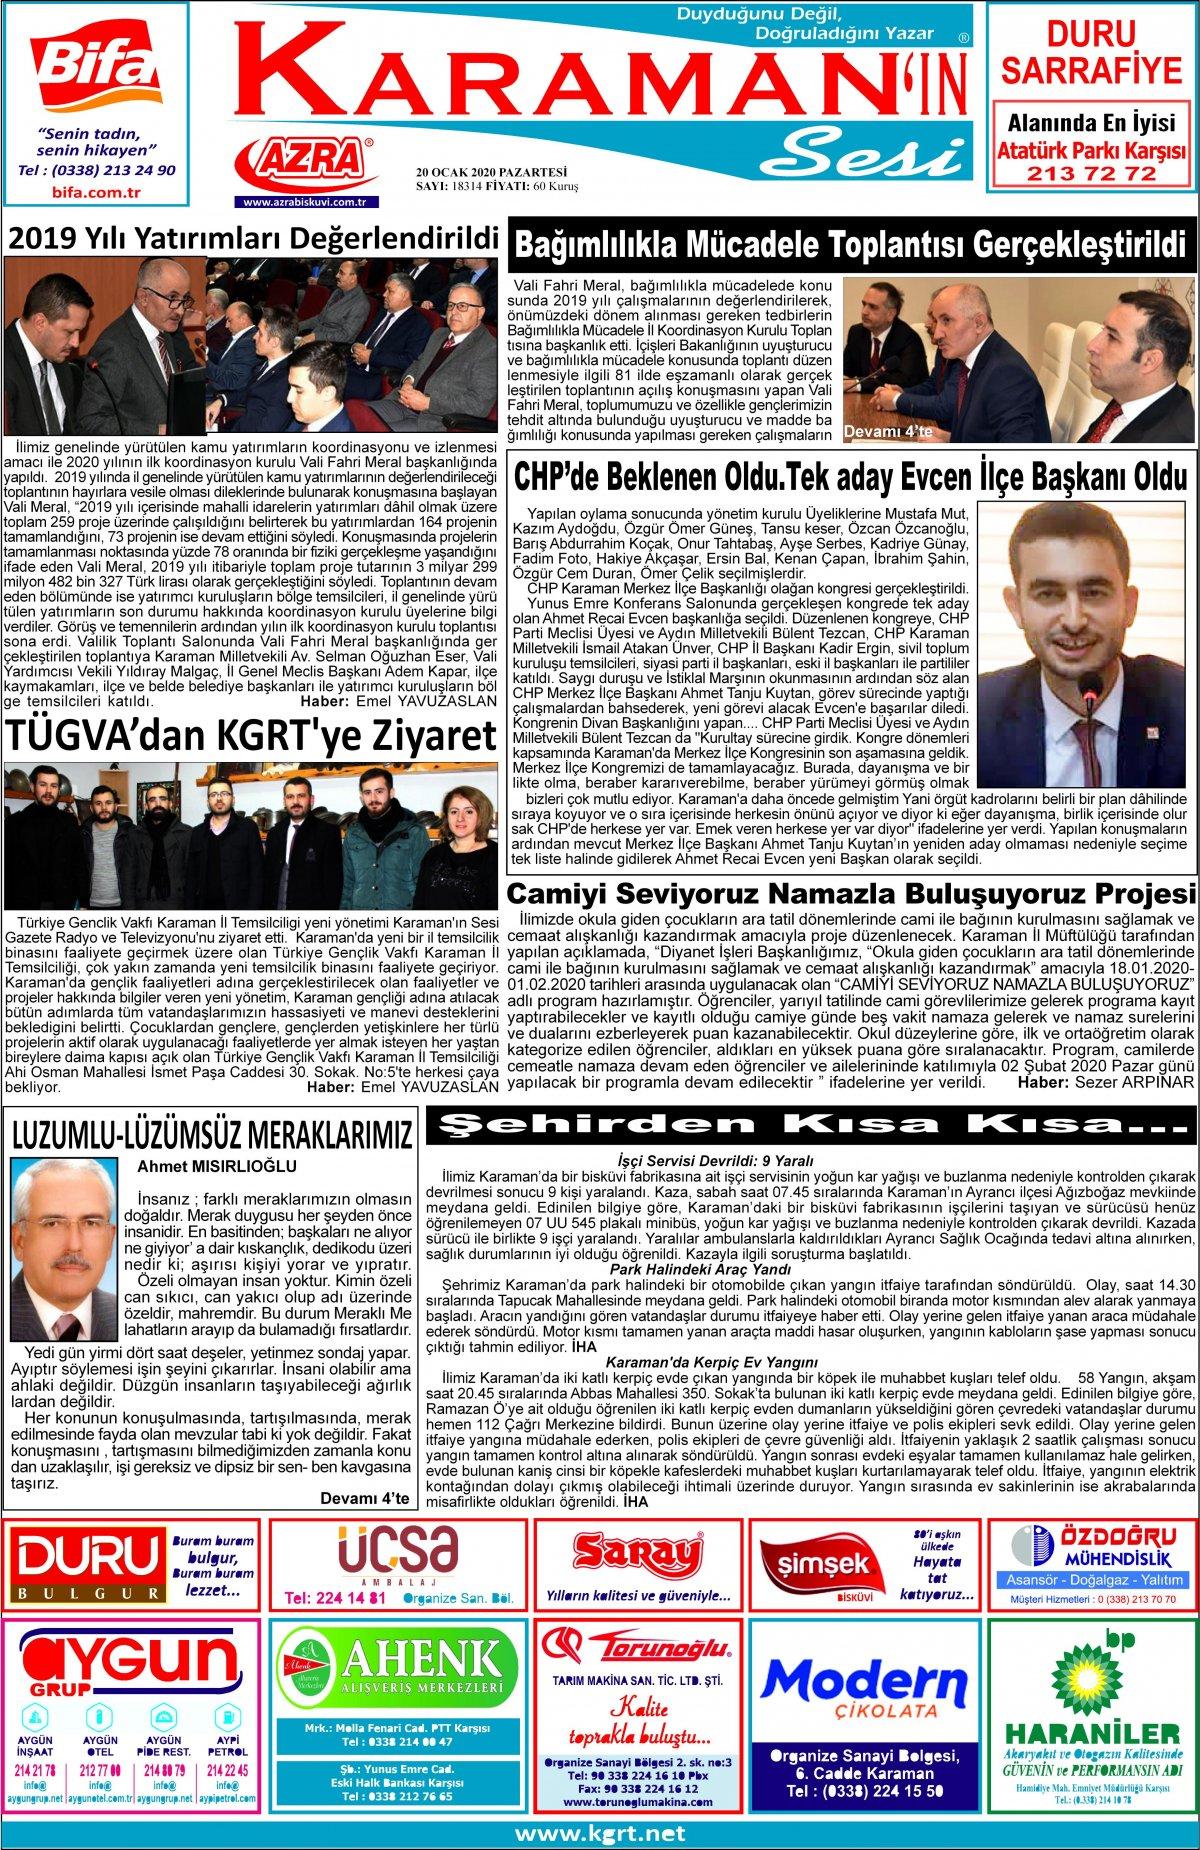 www.kgrt.net - 20.01.2020 Manşeti